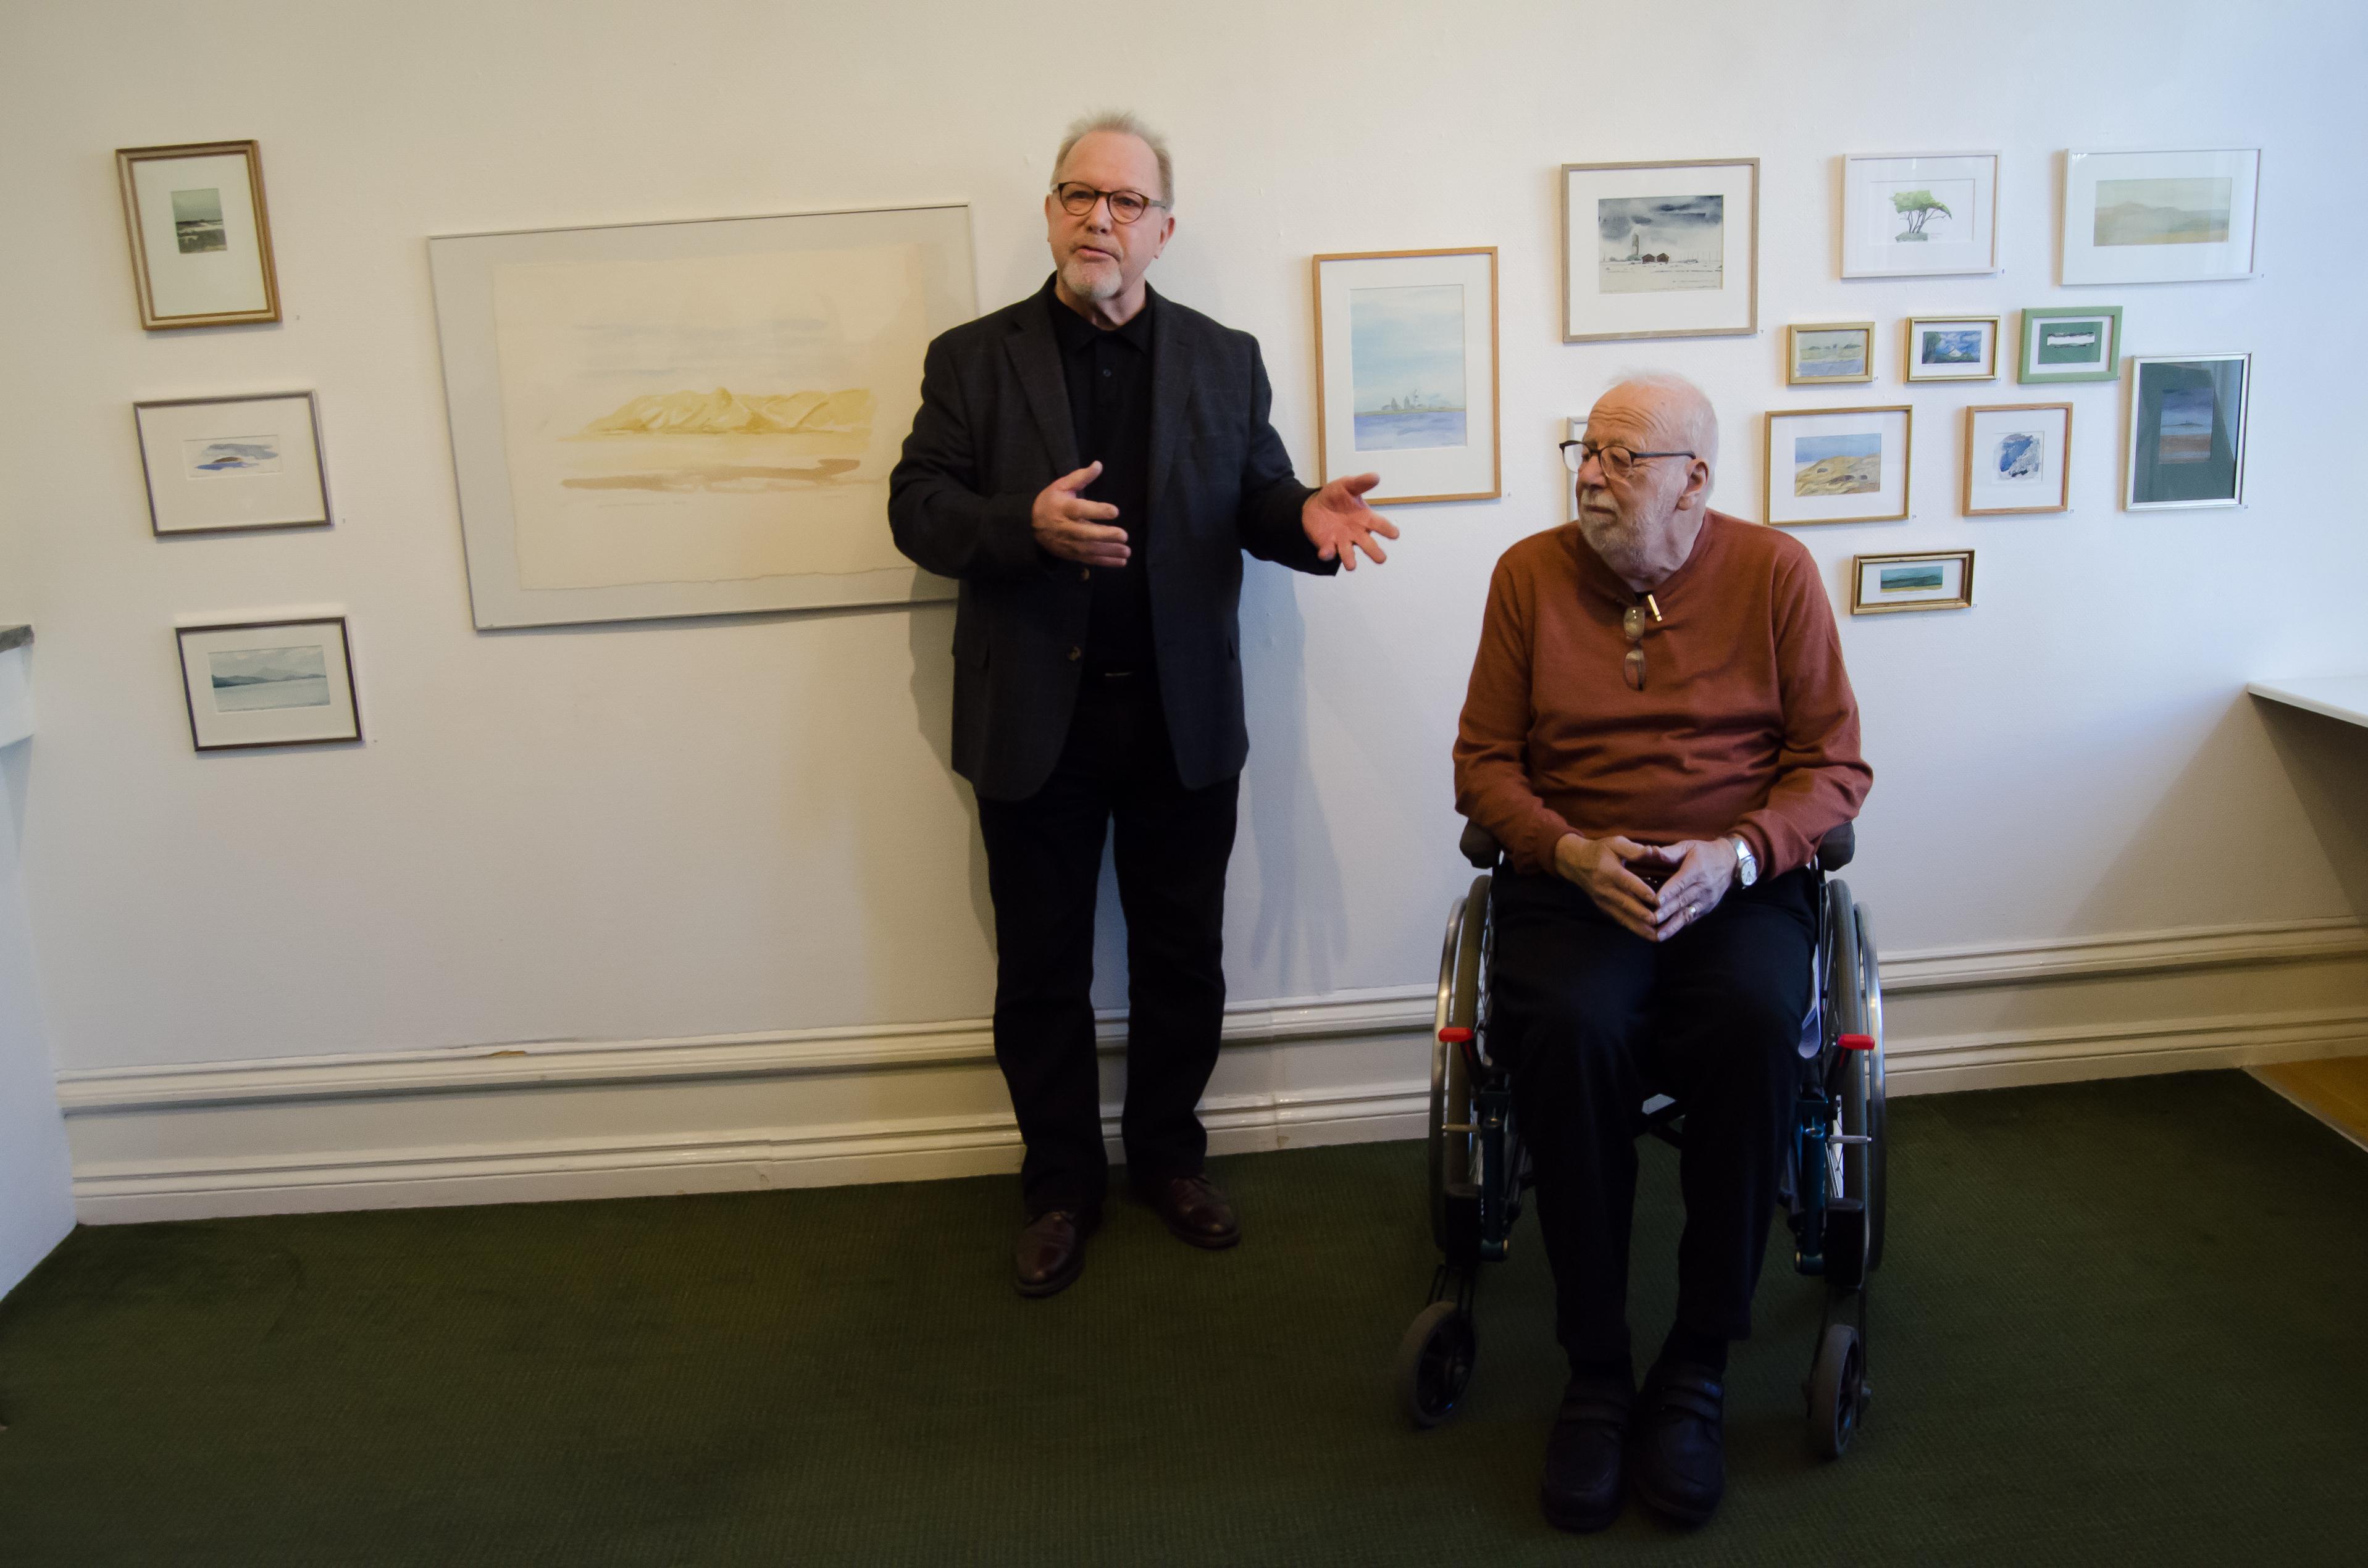 Bo Akterin och Ulf Svedberg